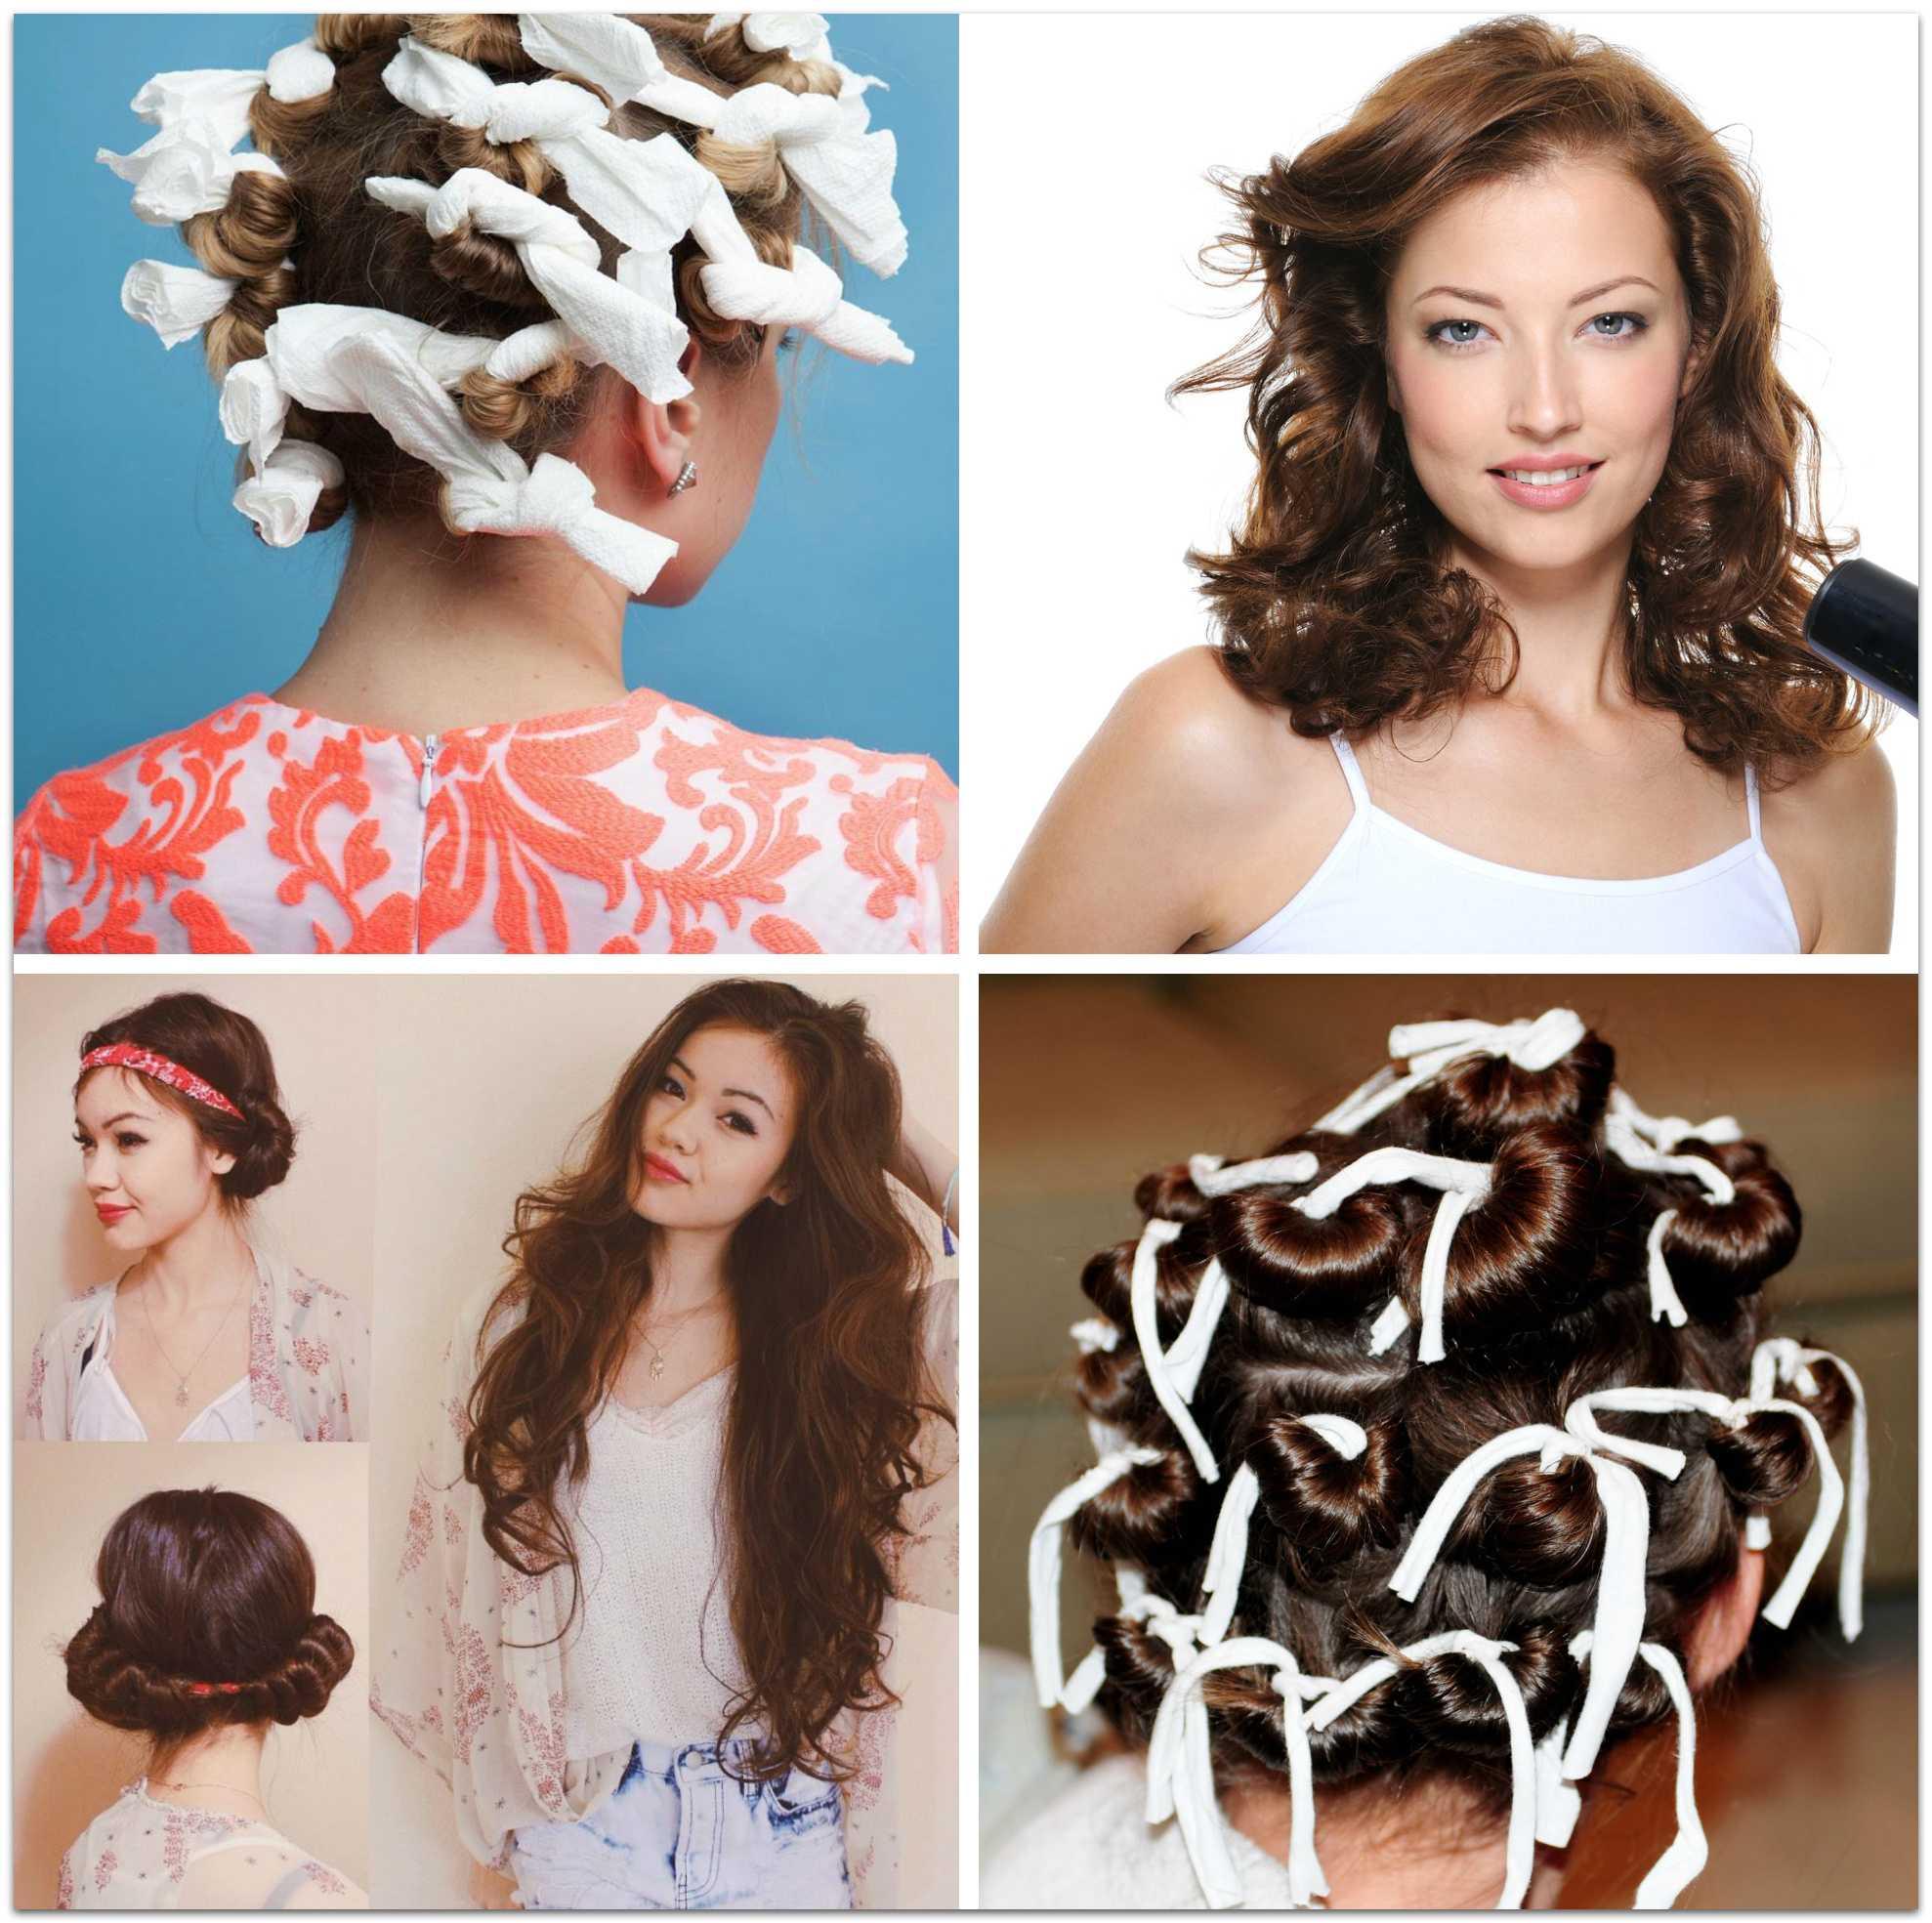 Тряпочки: как накрутить волосы ребенку, пошаговая инструкция